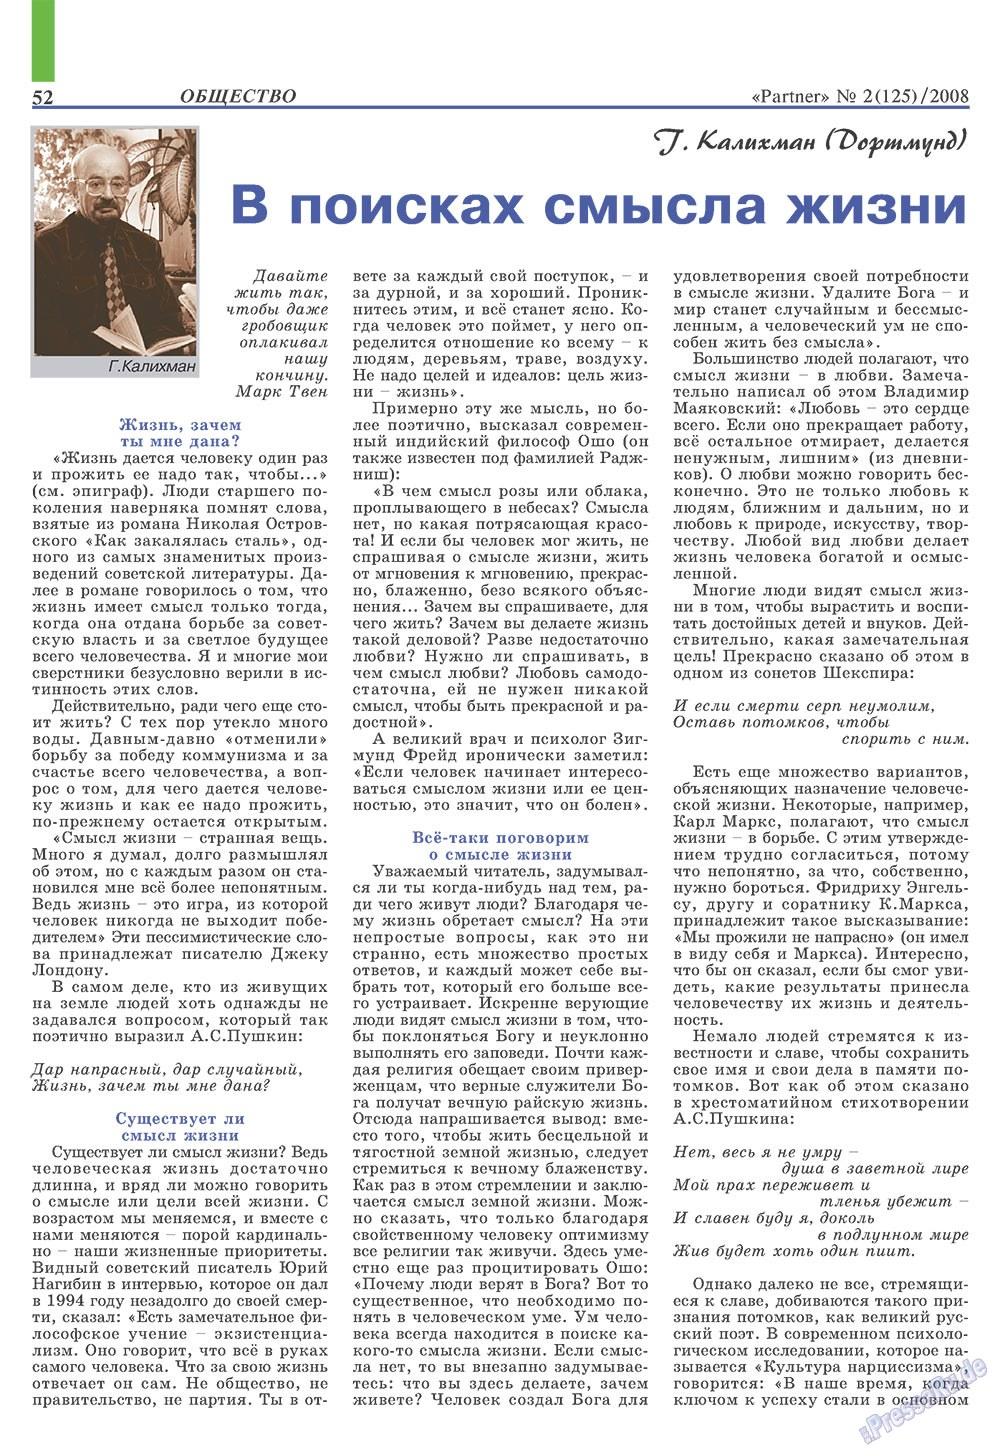 Партнер (журнал). 2008 год, номер 2, стр. 52